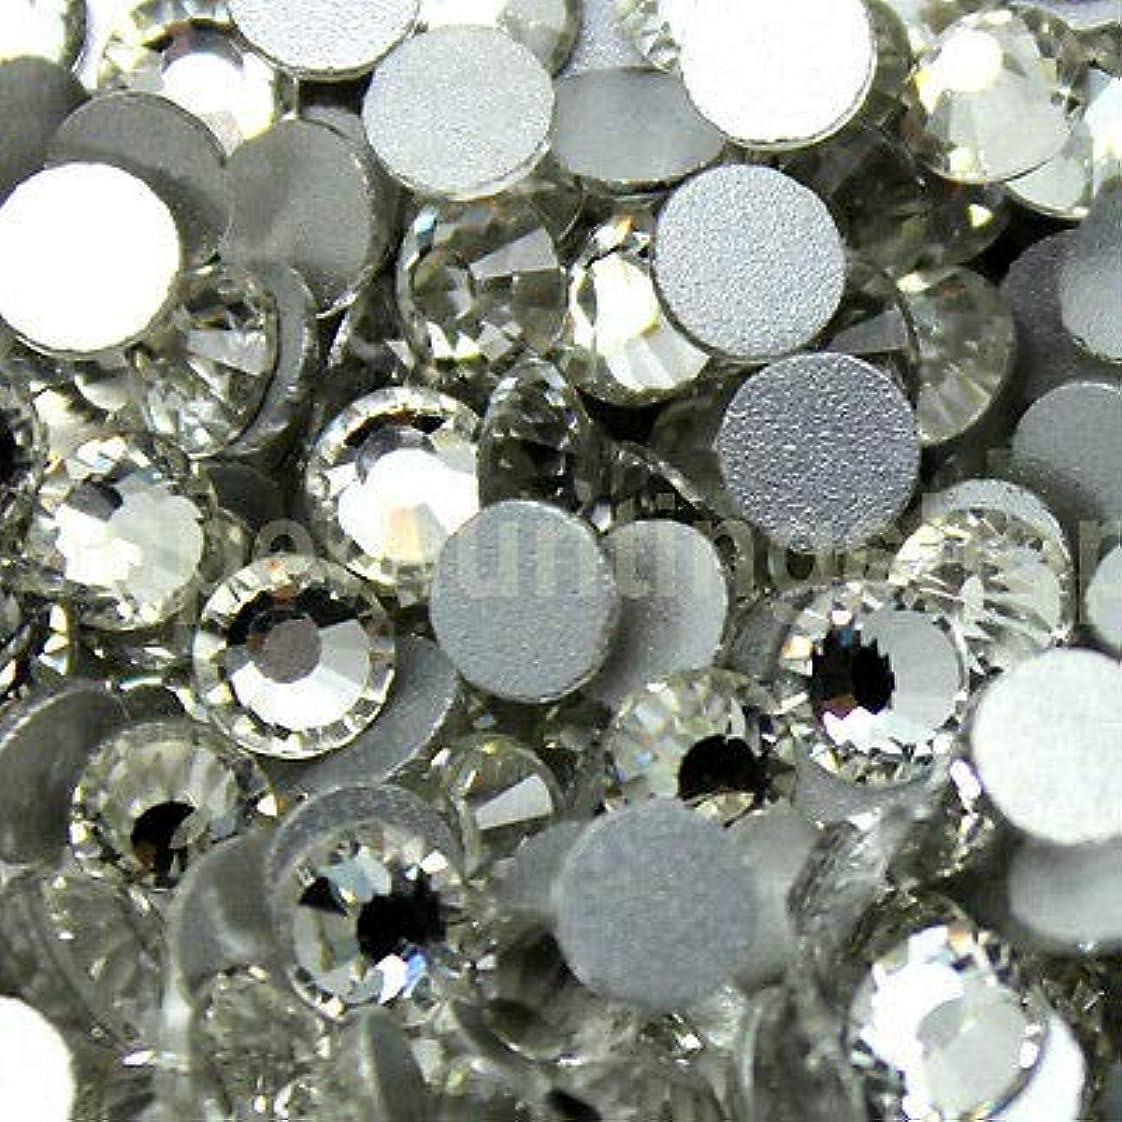 一握りクラッシュ触覚FidgetGear DIY 1.3-8.5 mmクリスタルヒラタラインストーンネイルアートデコレーションSS3-SS40 結晶